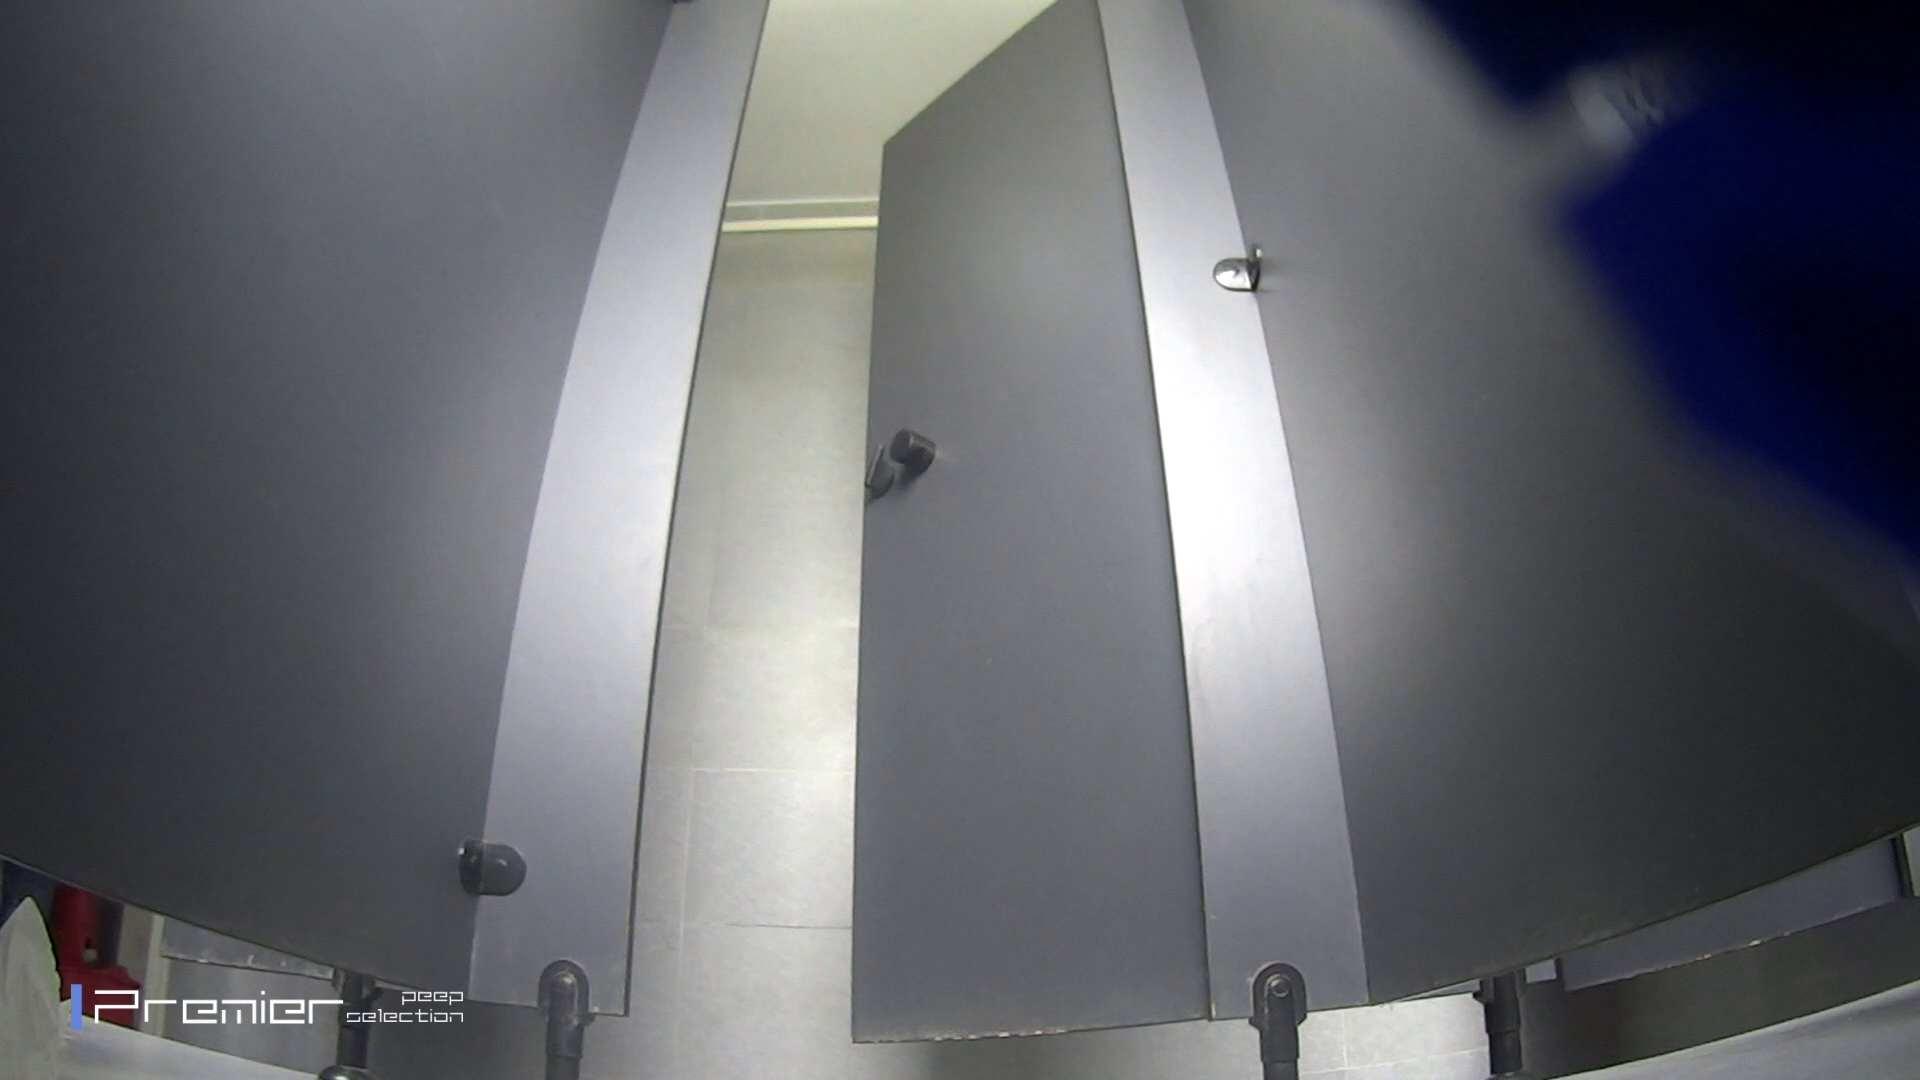 ツンデレお女市さんのトイレ事情 大学休憩時間の洗面所事情32 トイレ中 | 美女達のヌード  100連発 54